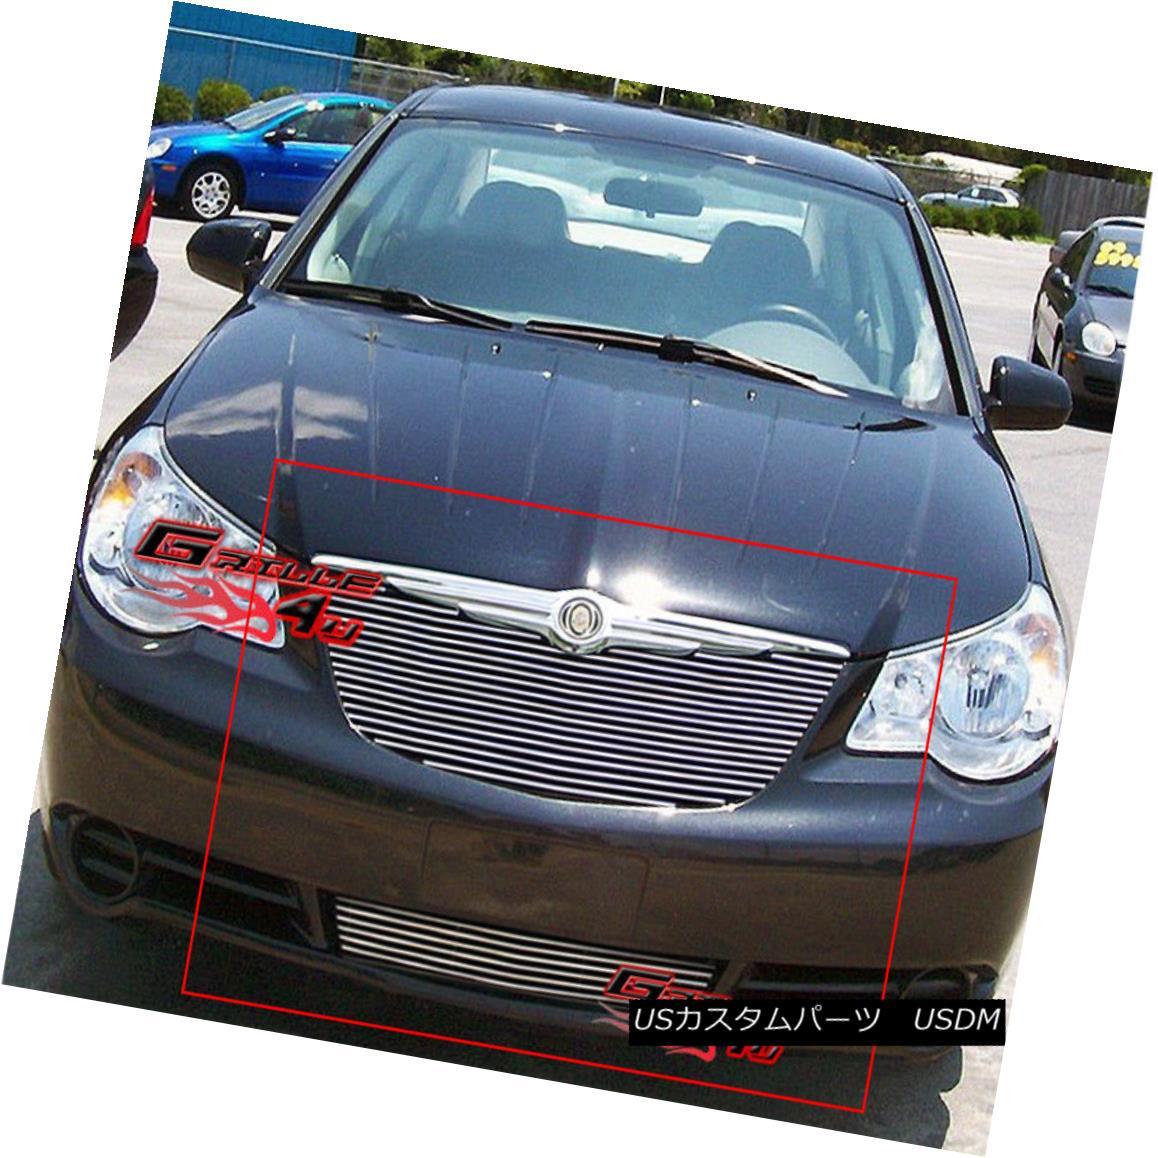 グリル Fits 2007-2008 Chrysler Sebring Main Upper Billet Grille Insert 2007?2008年に適合するクライスラーセブリングメインアッパービレットグリルインサート